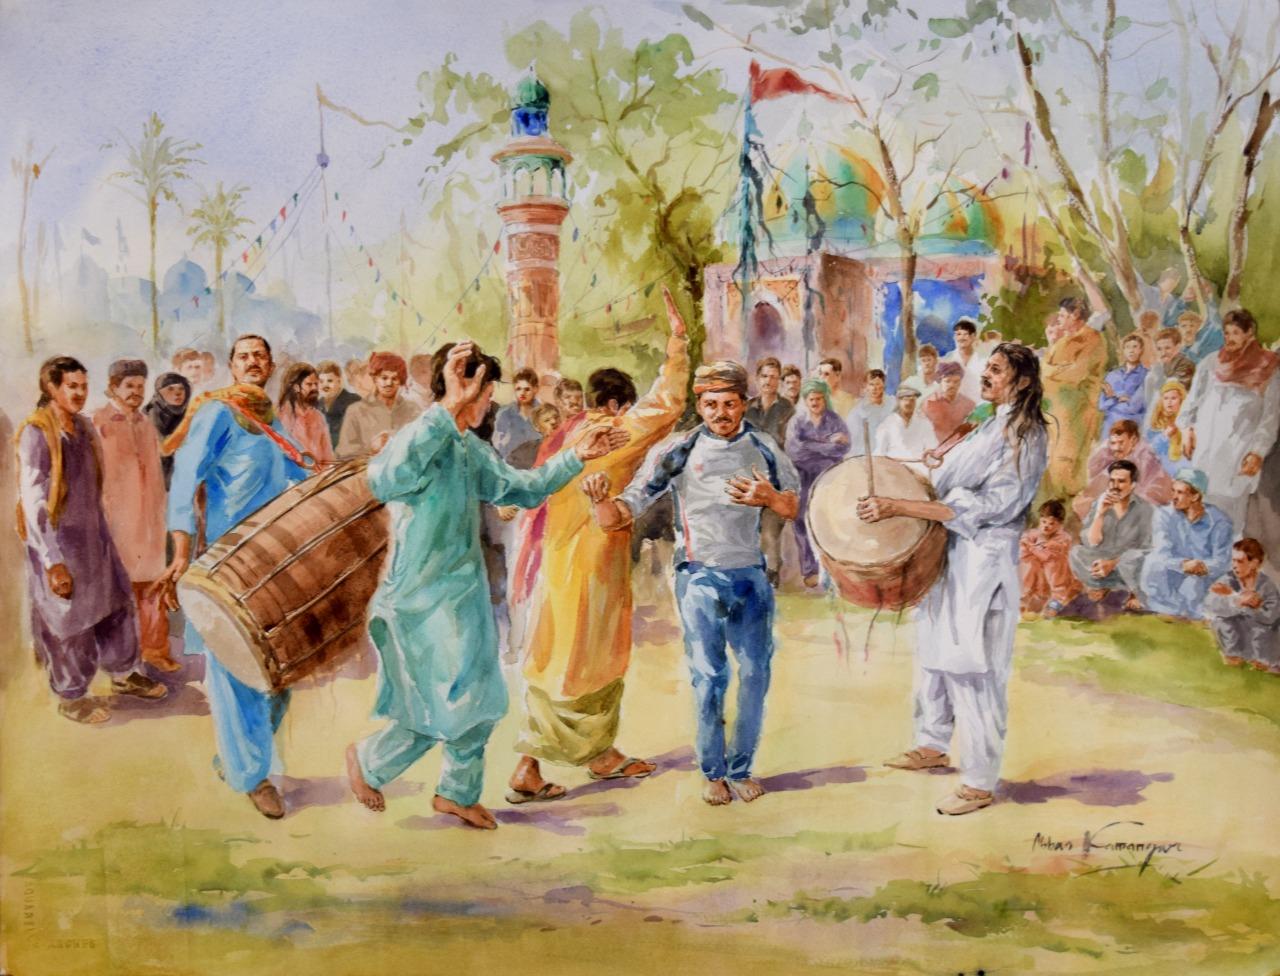 Abbas Kamangar